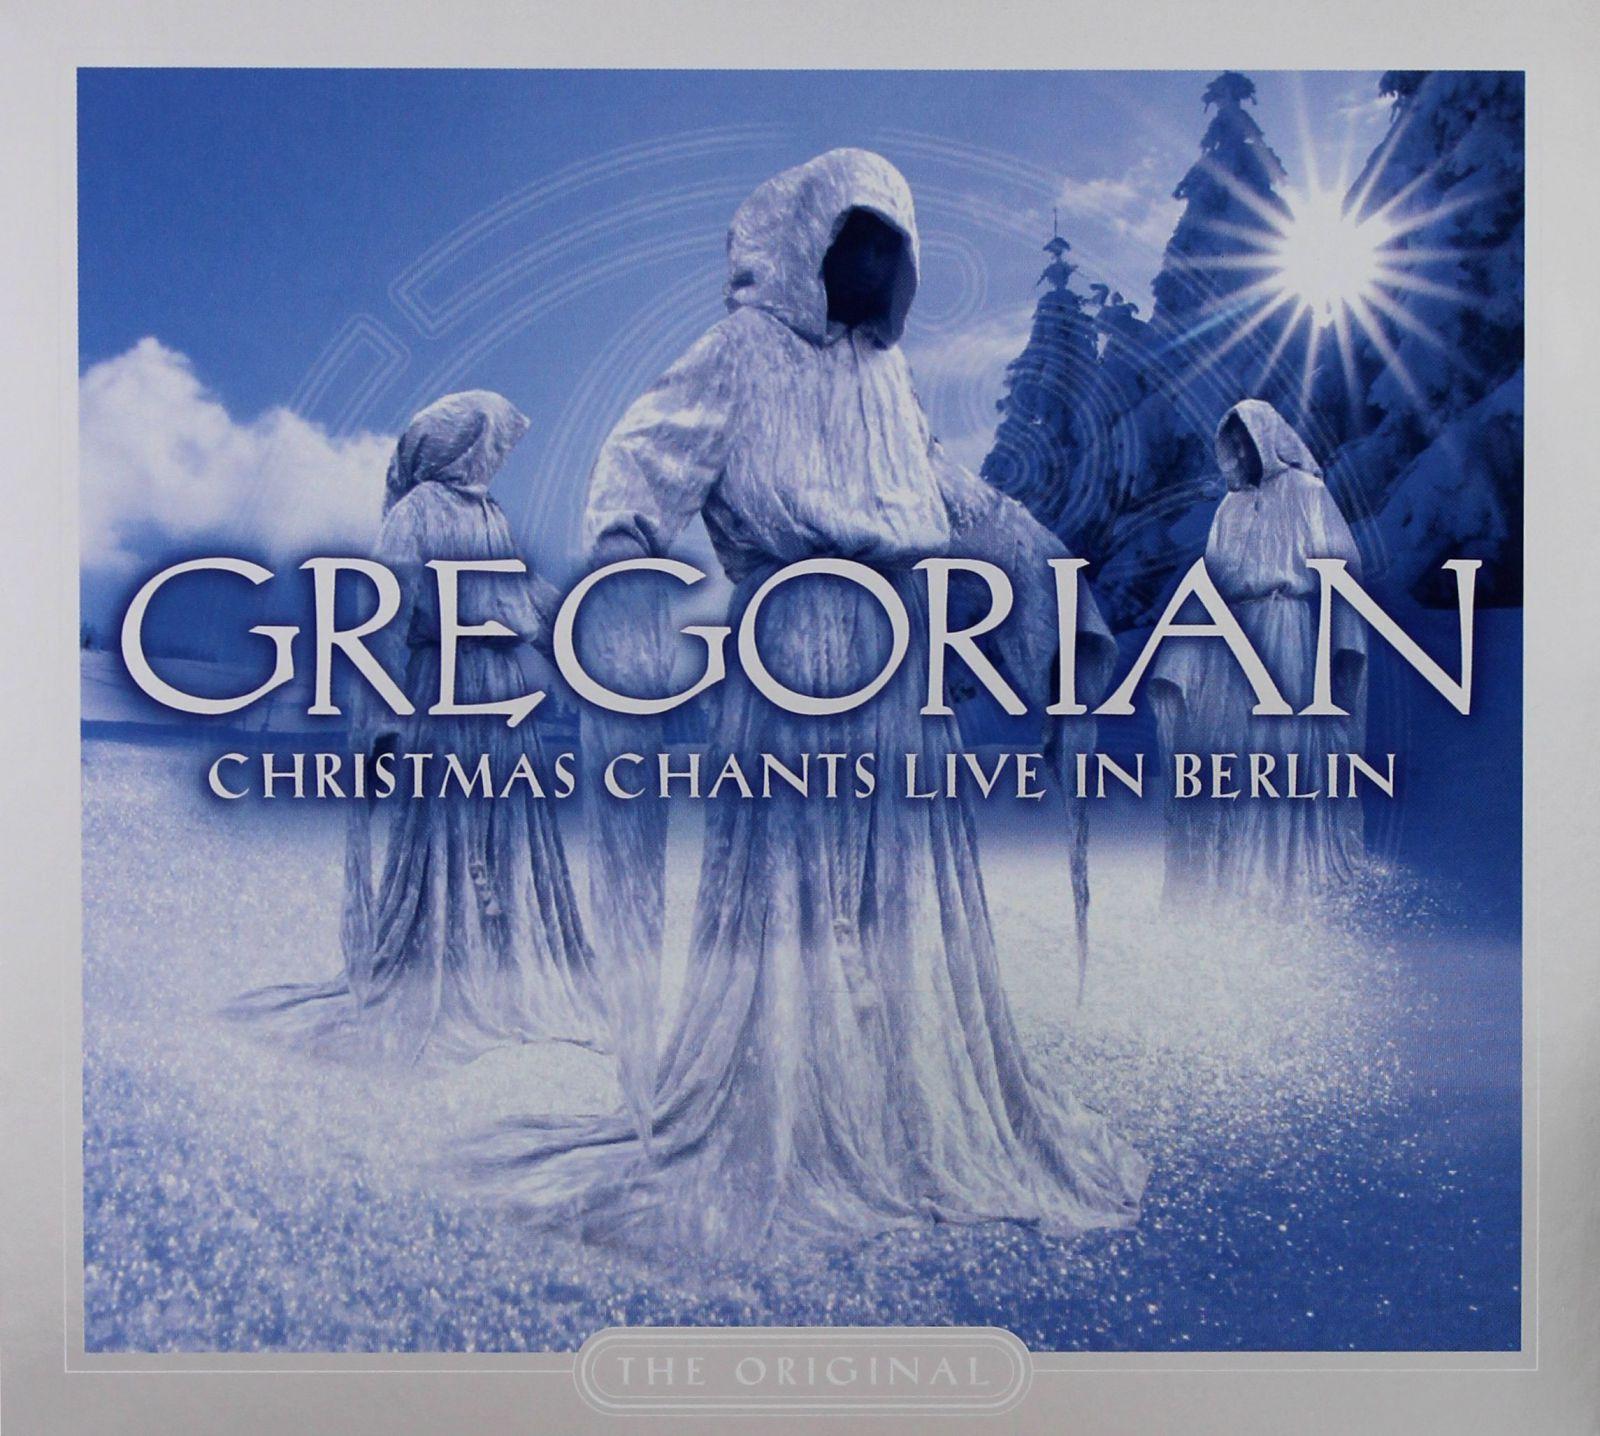 Gregorian Christmas Chants.Gregorian Christmas Chants Live In Berlin Cd